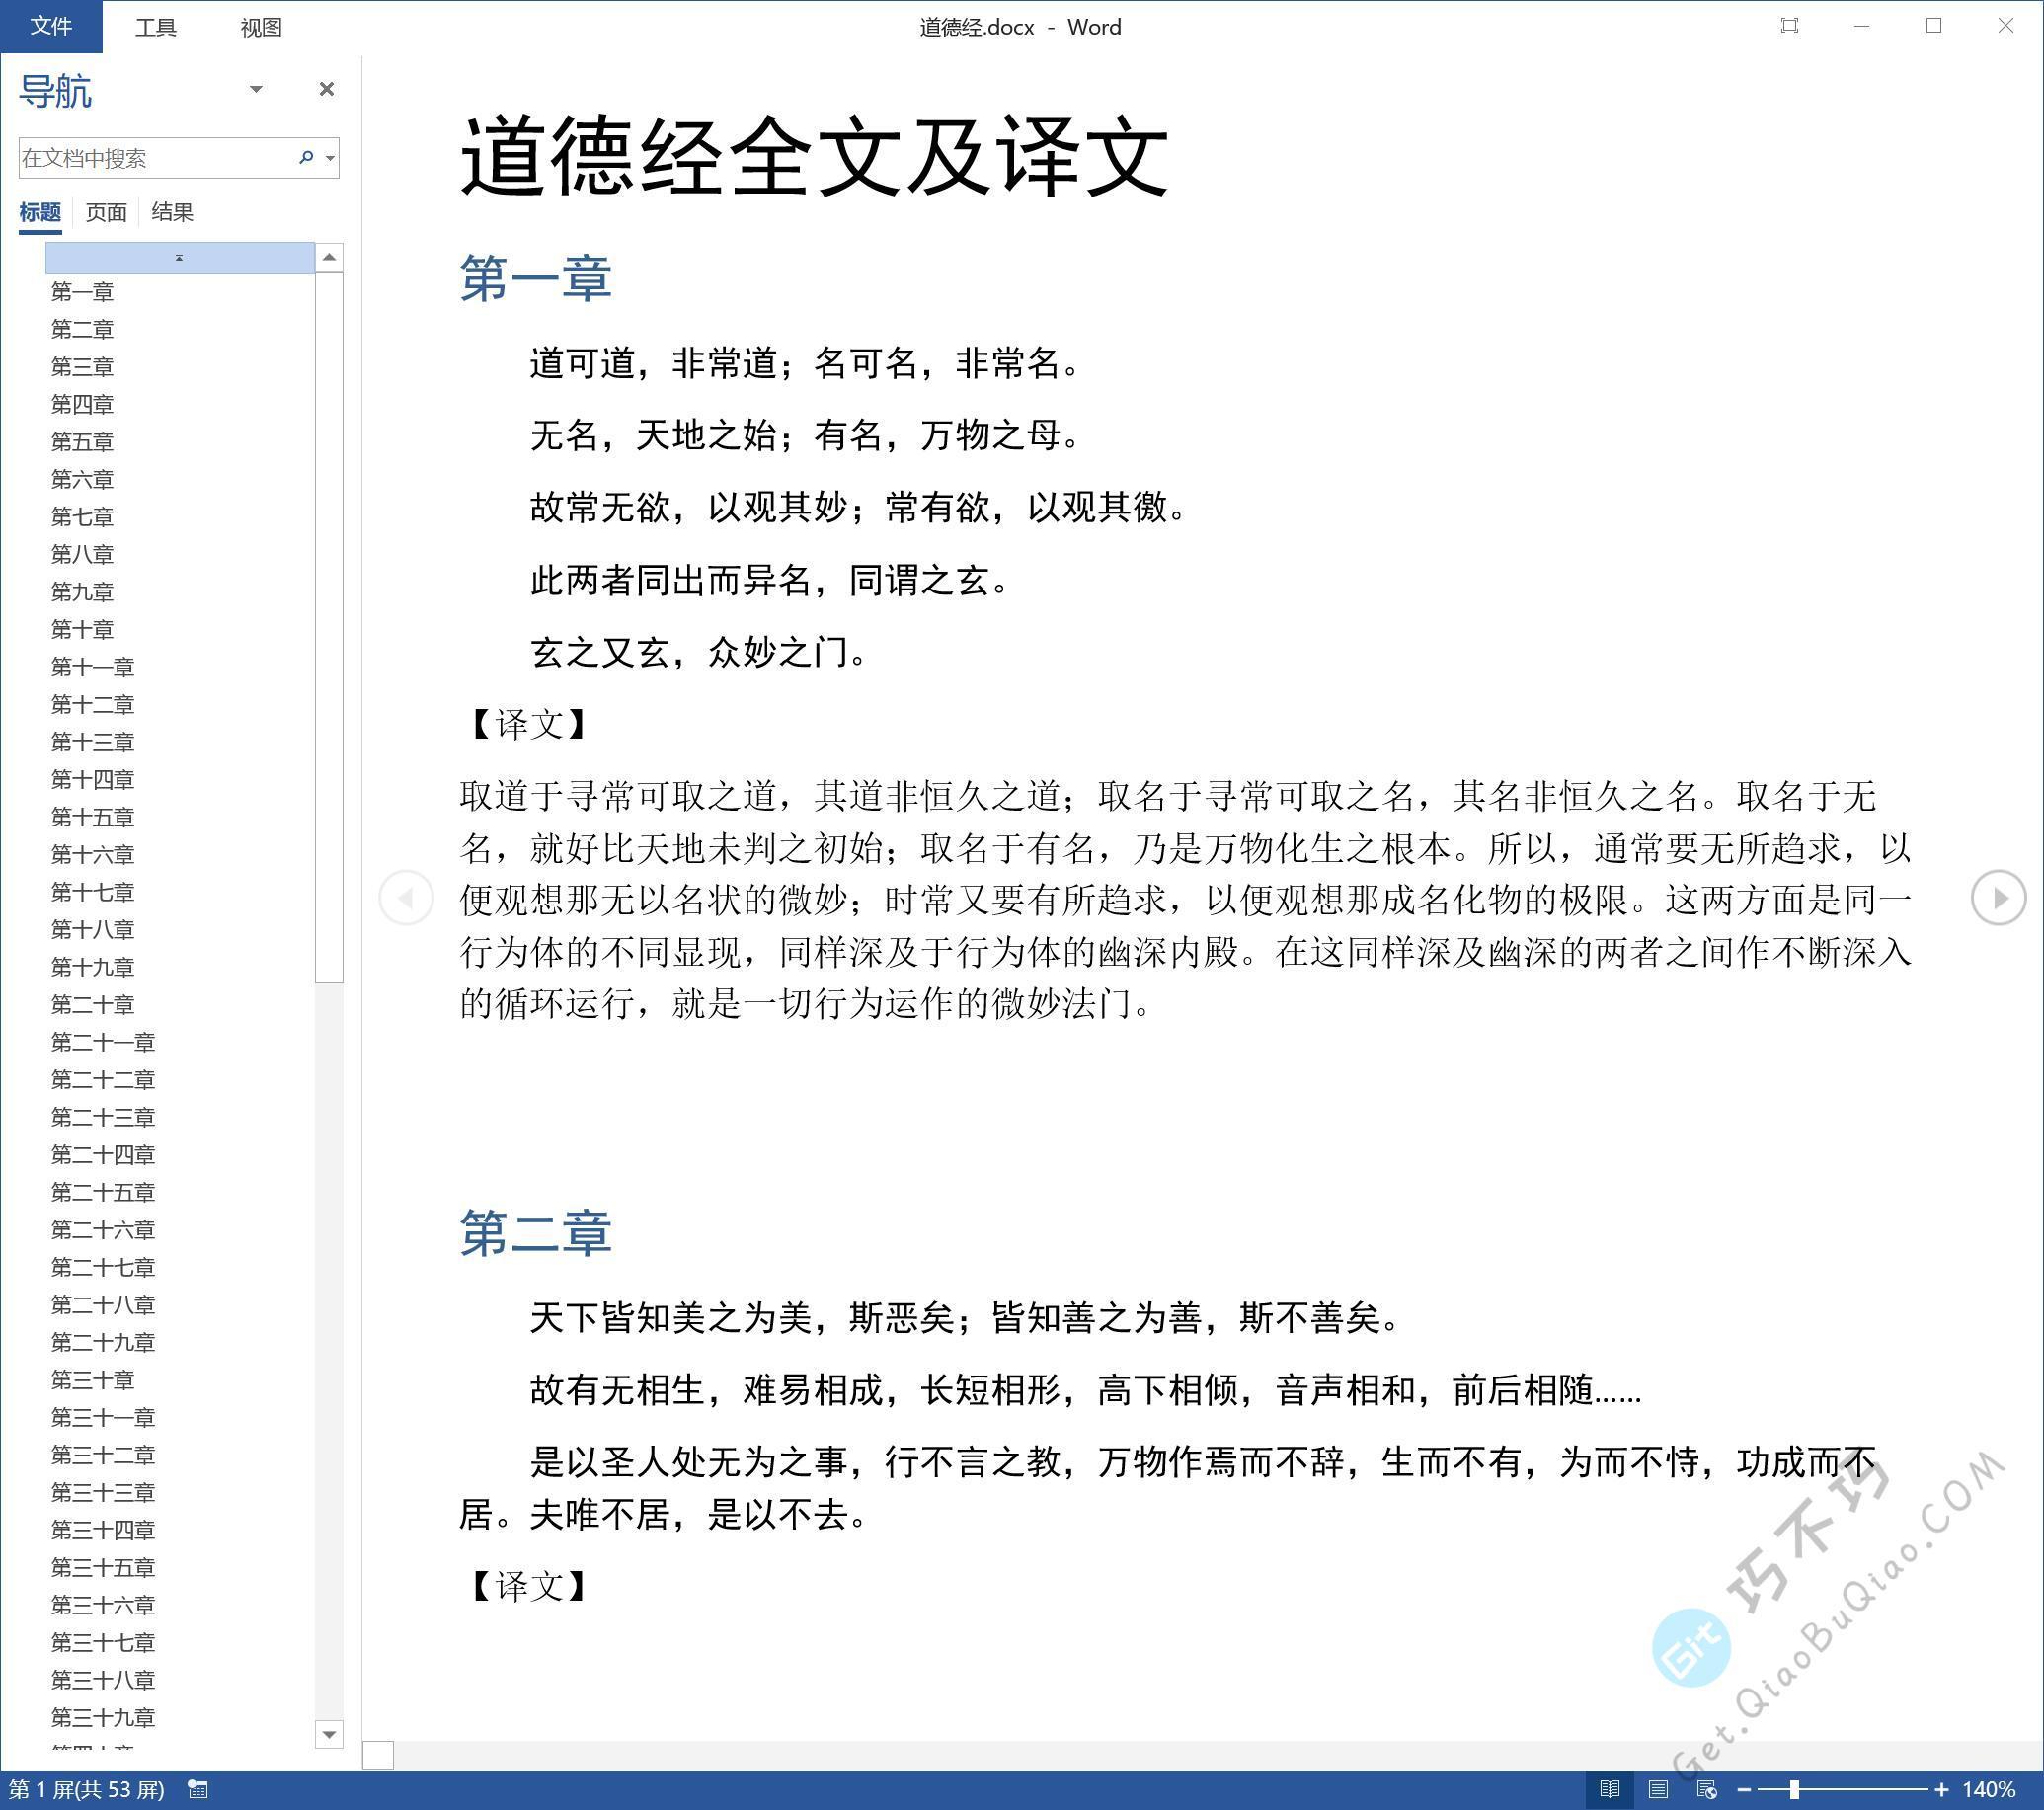 老子的国学经典《道德经》全文译文及难字注音精排EPUB、PDF、DOCX可打印版